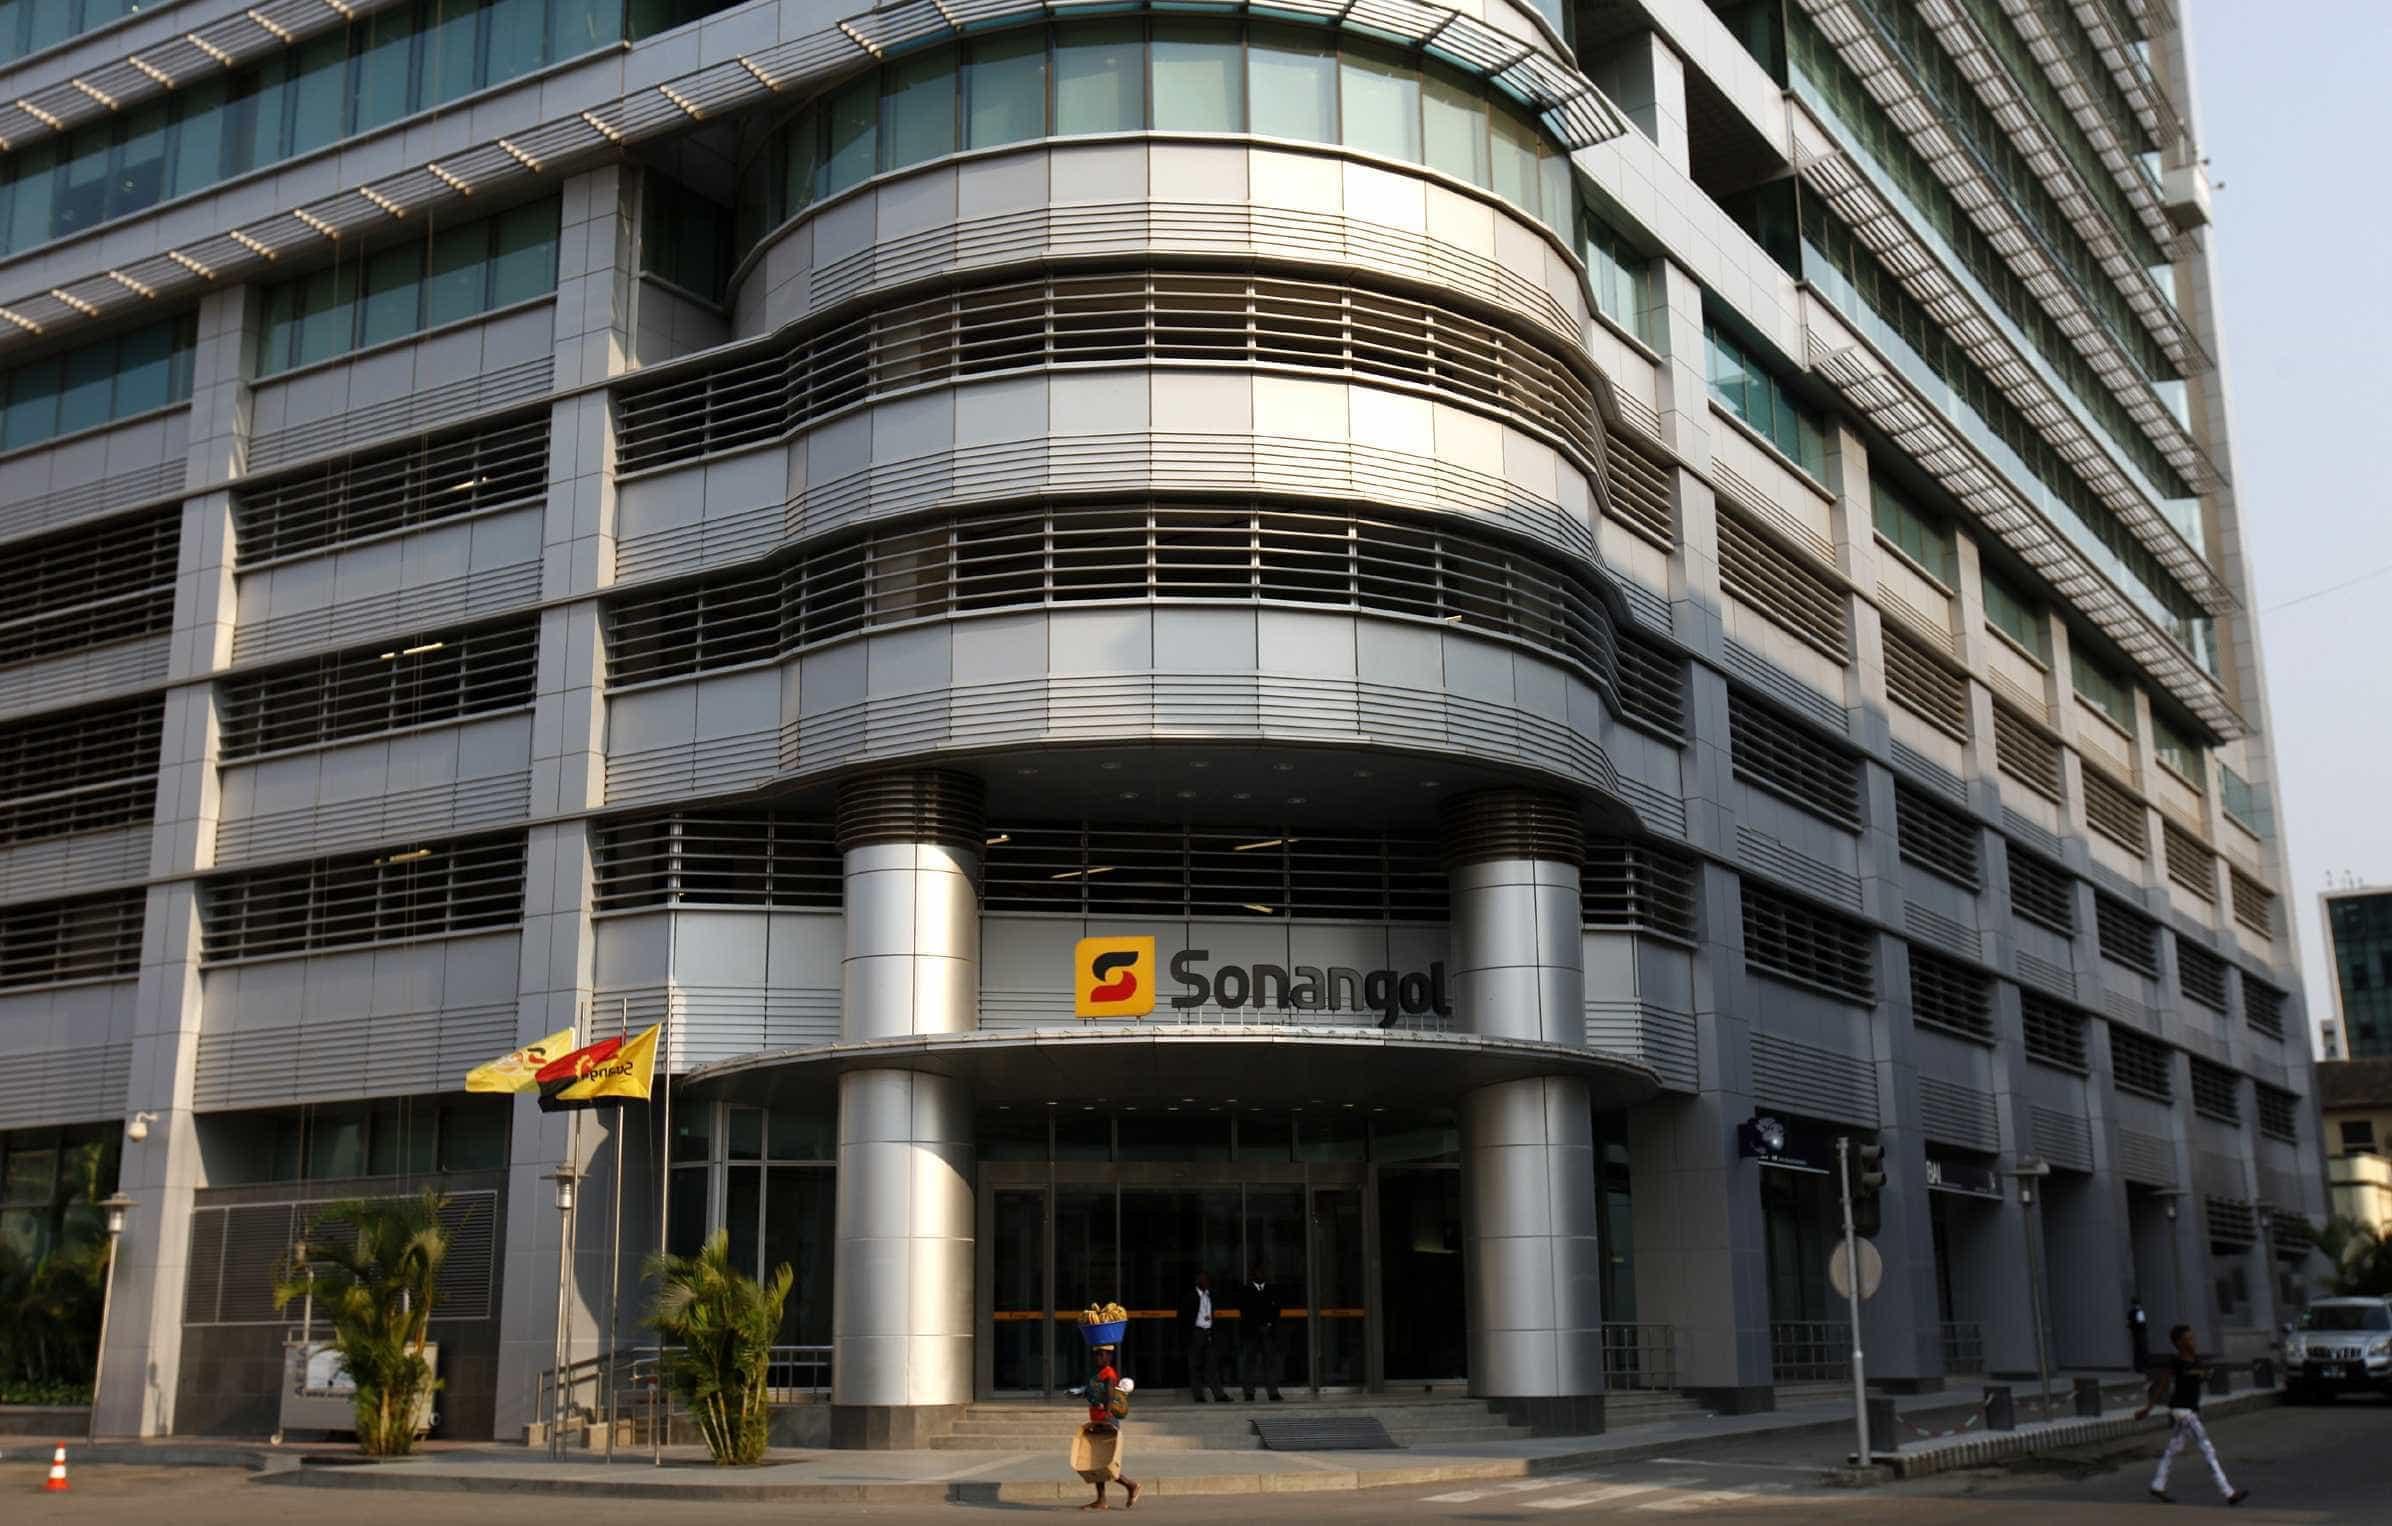 Desmembramento da Sonangol é essencial para reformar setor em Angola